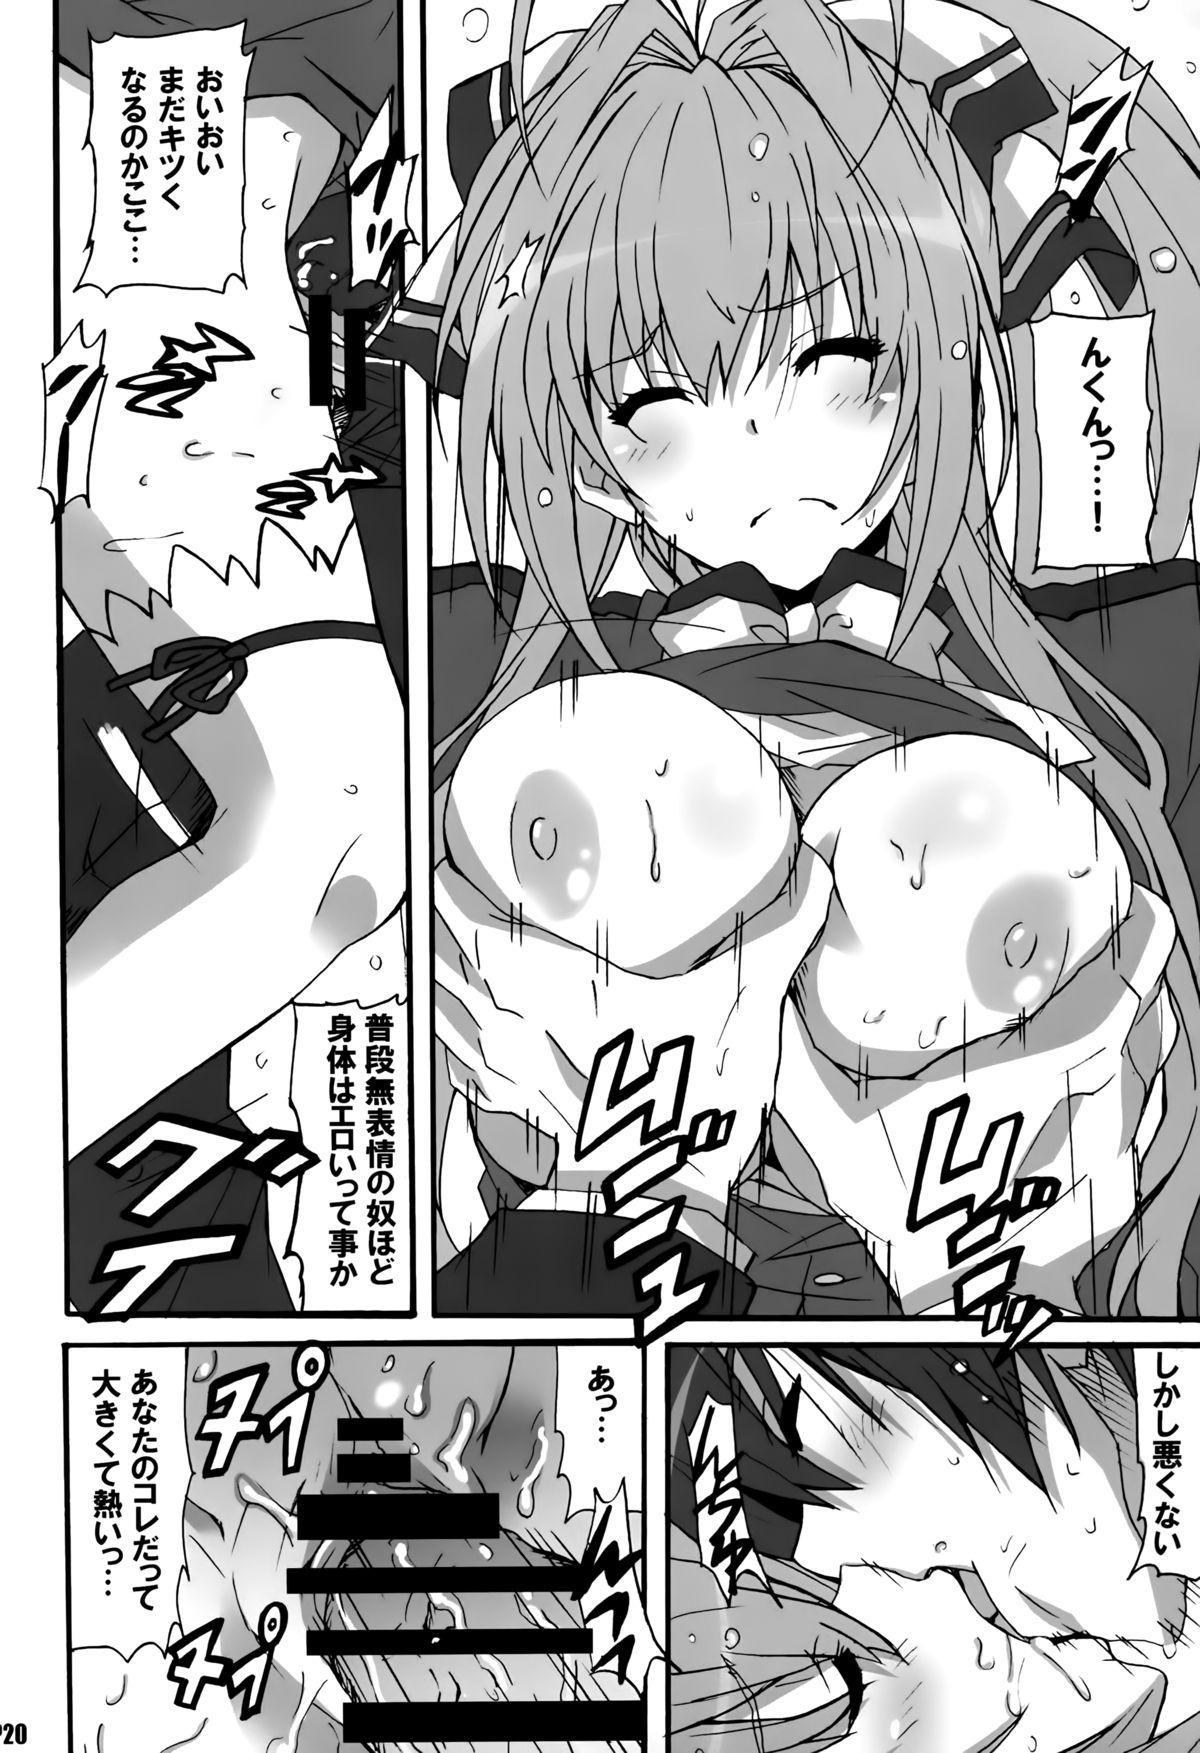 Amagi Magazine 19